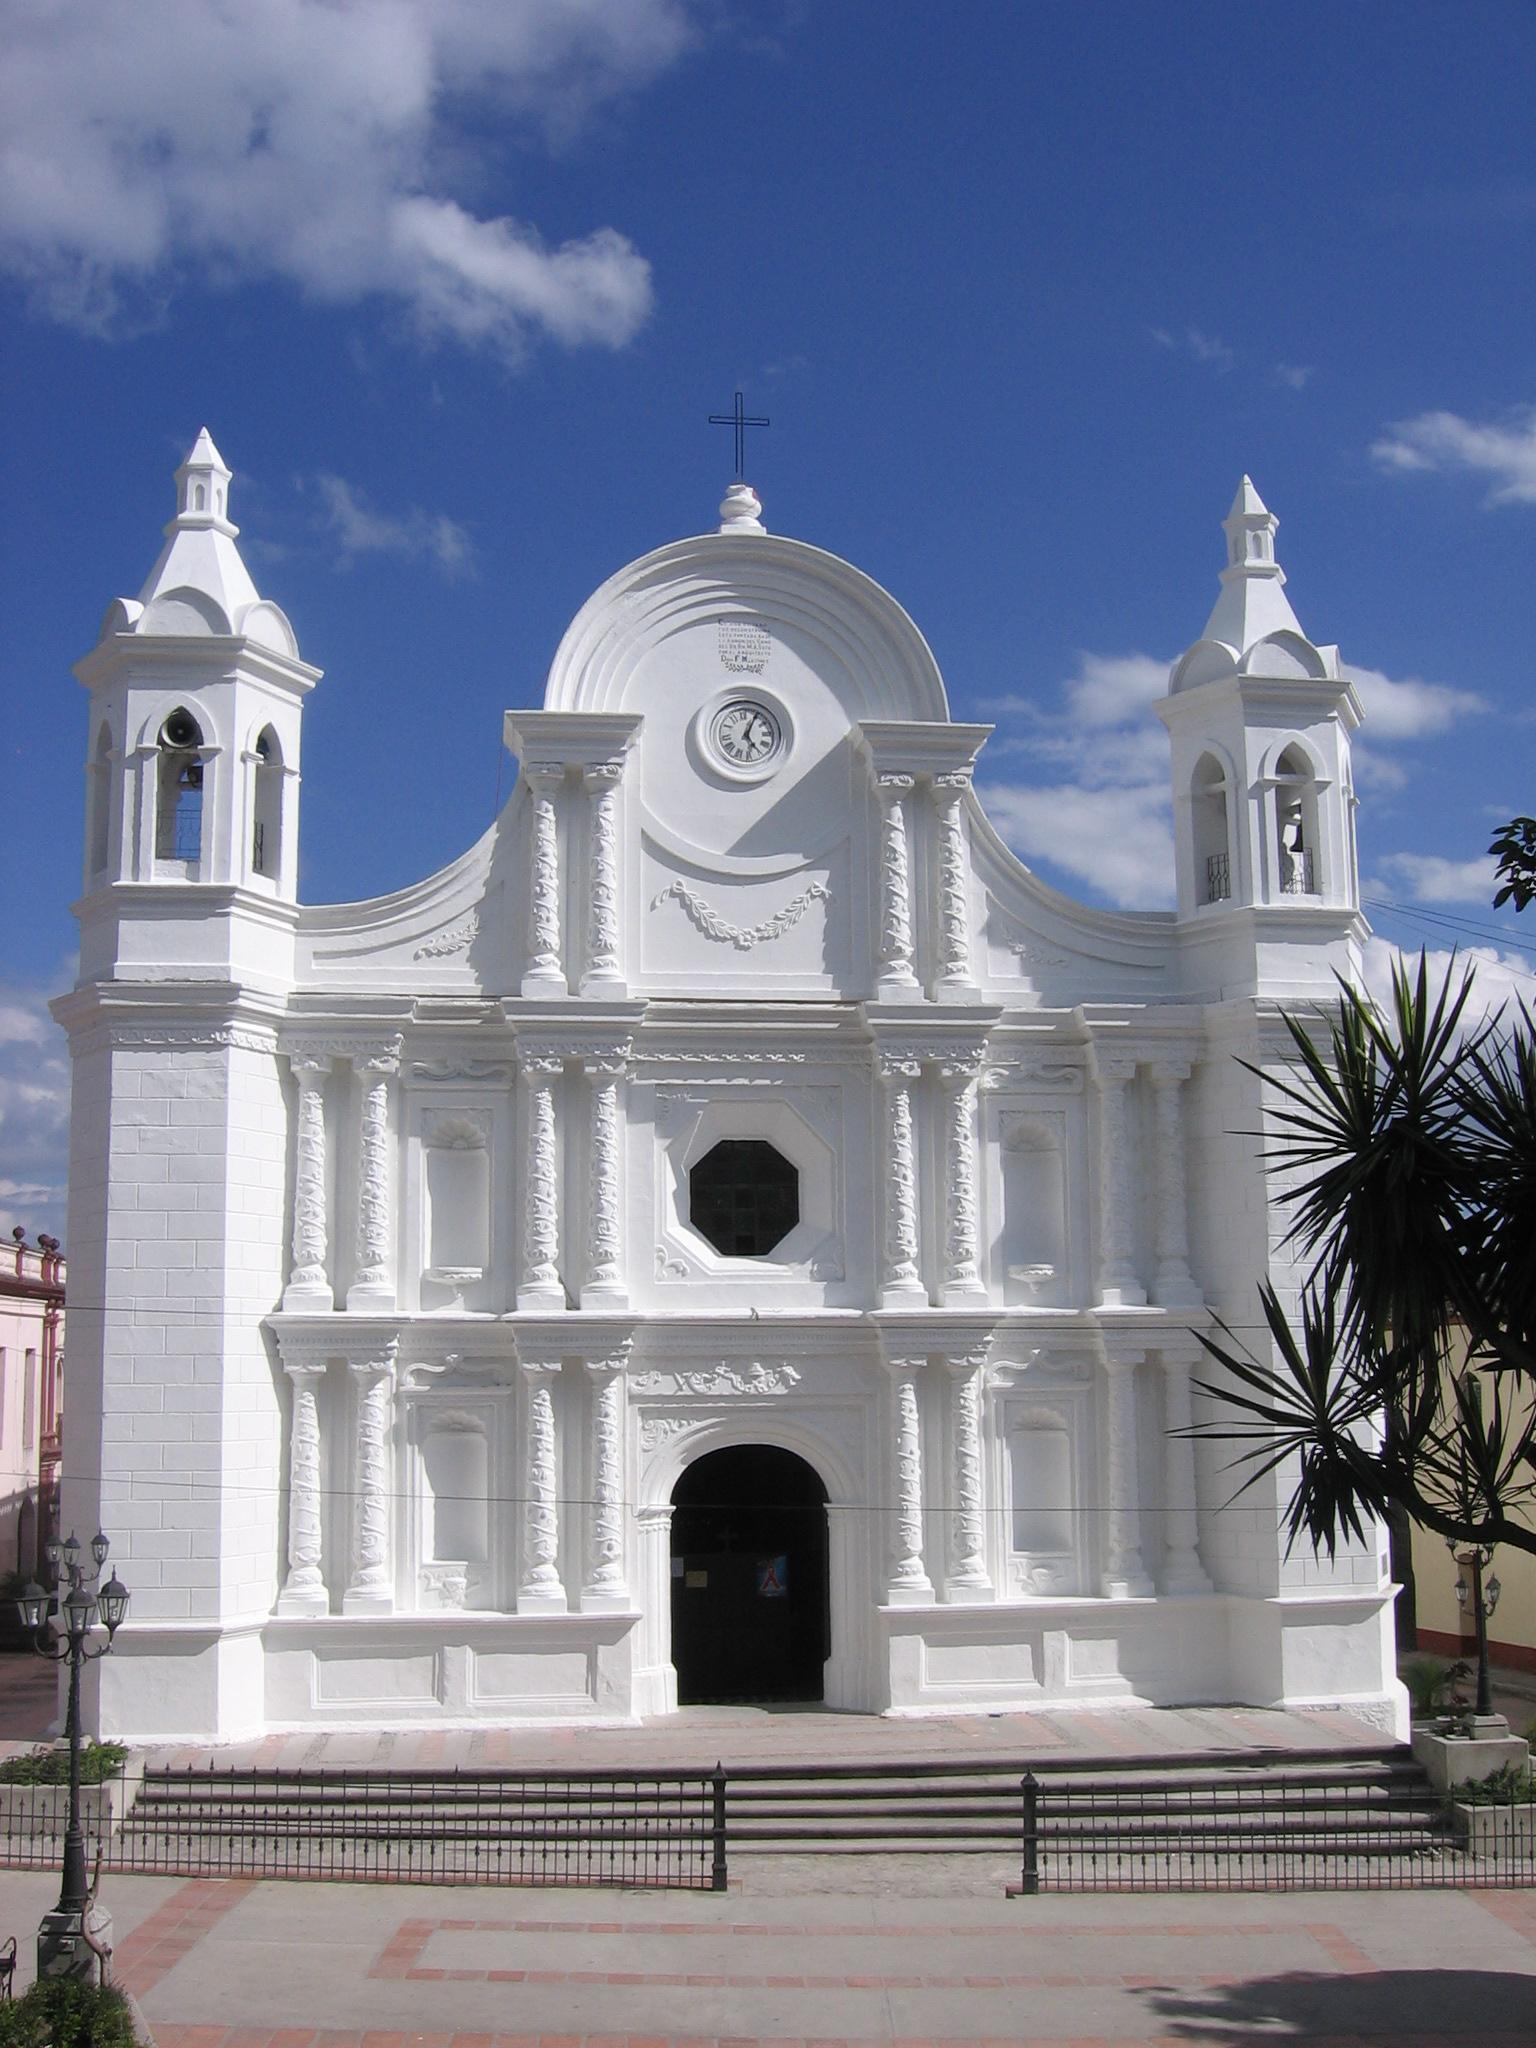 Santa Rosa de Kopanas